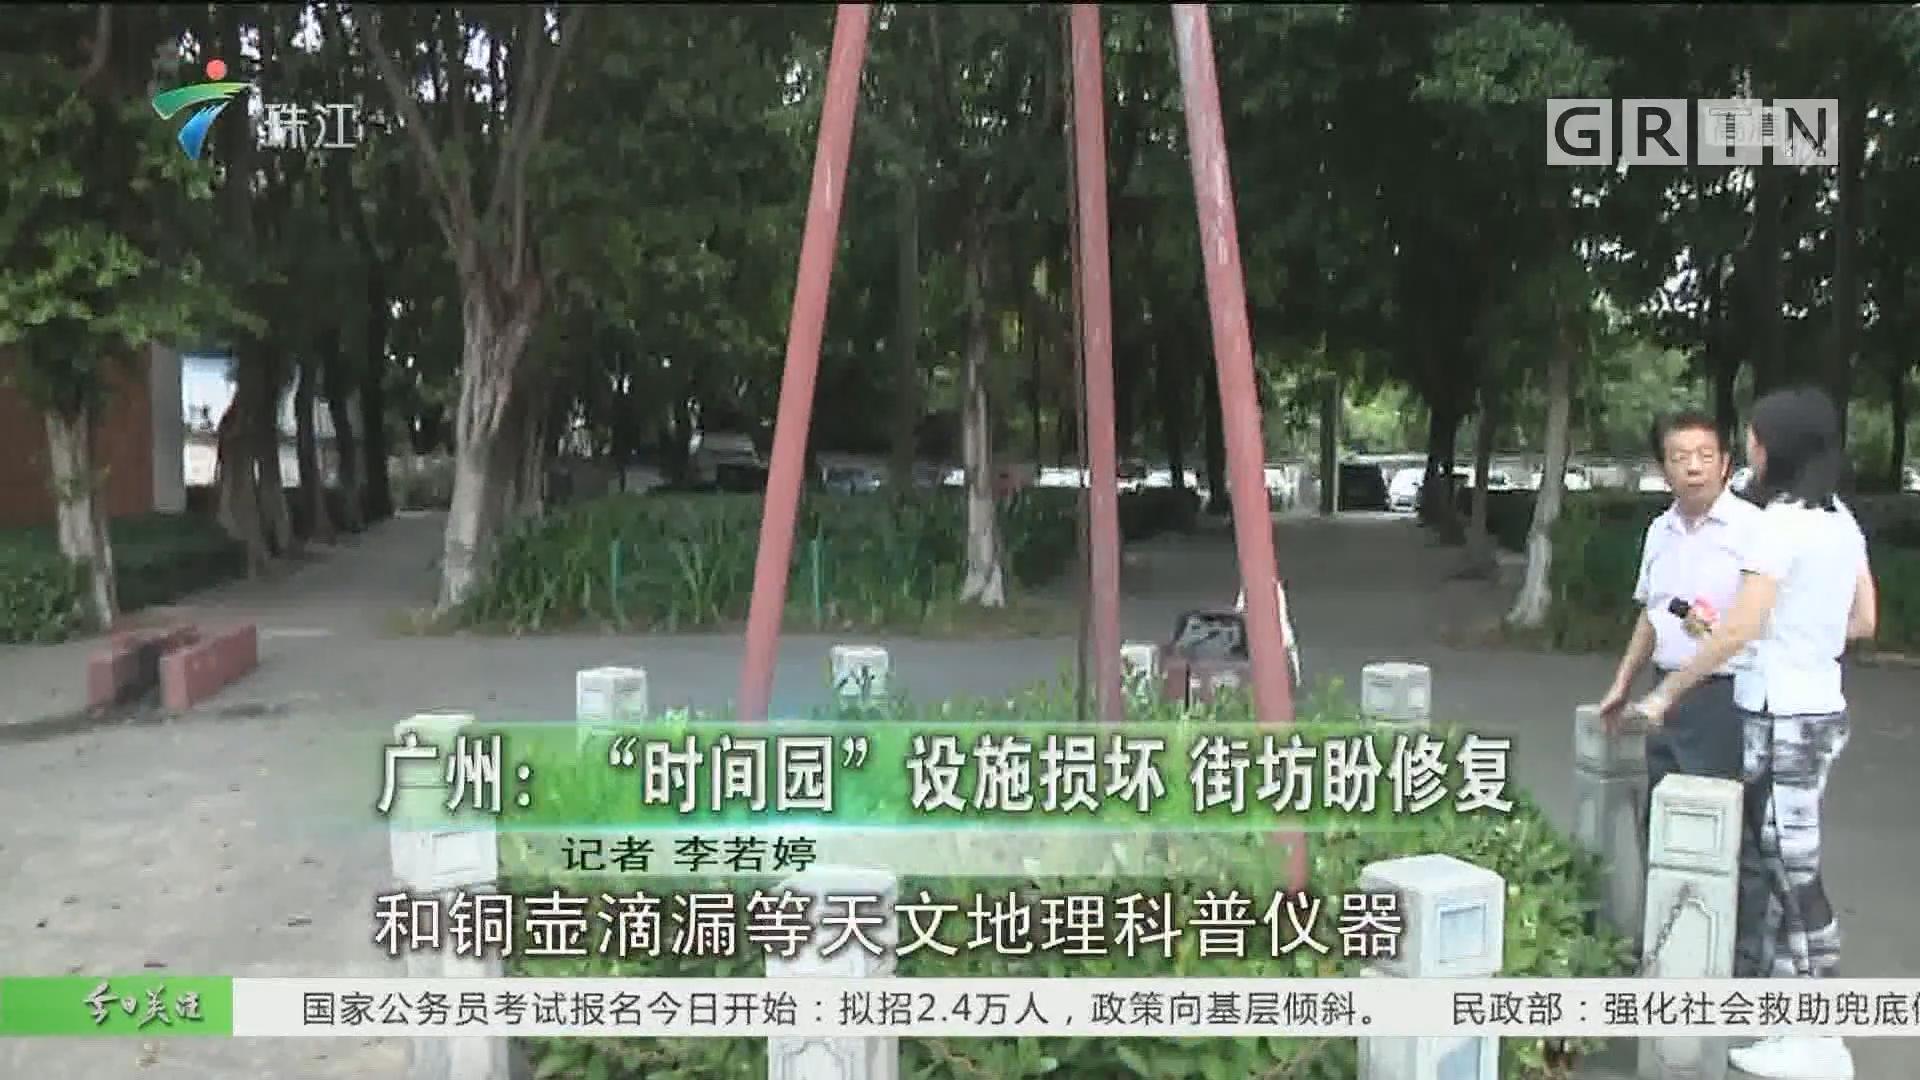 """广州:""""时间园""""设施损坏 街坊盼修复"""